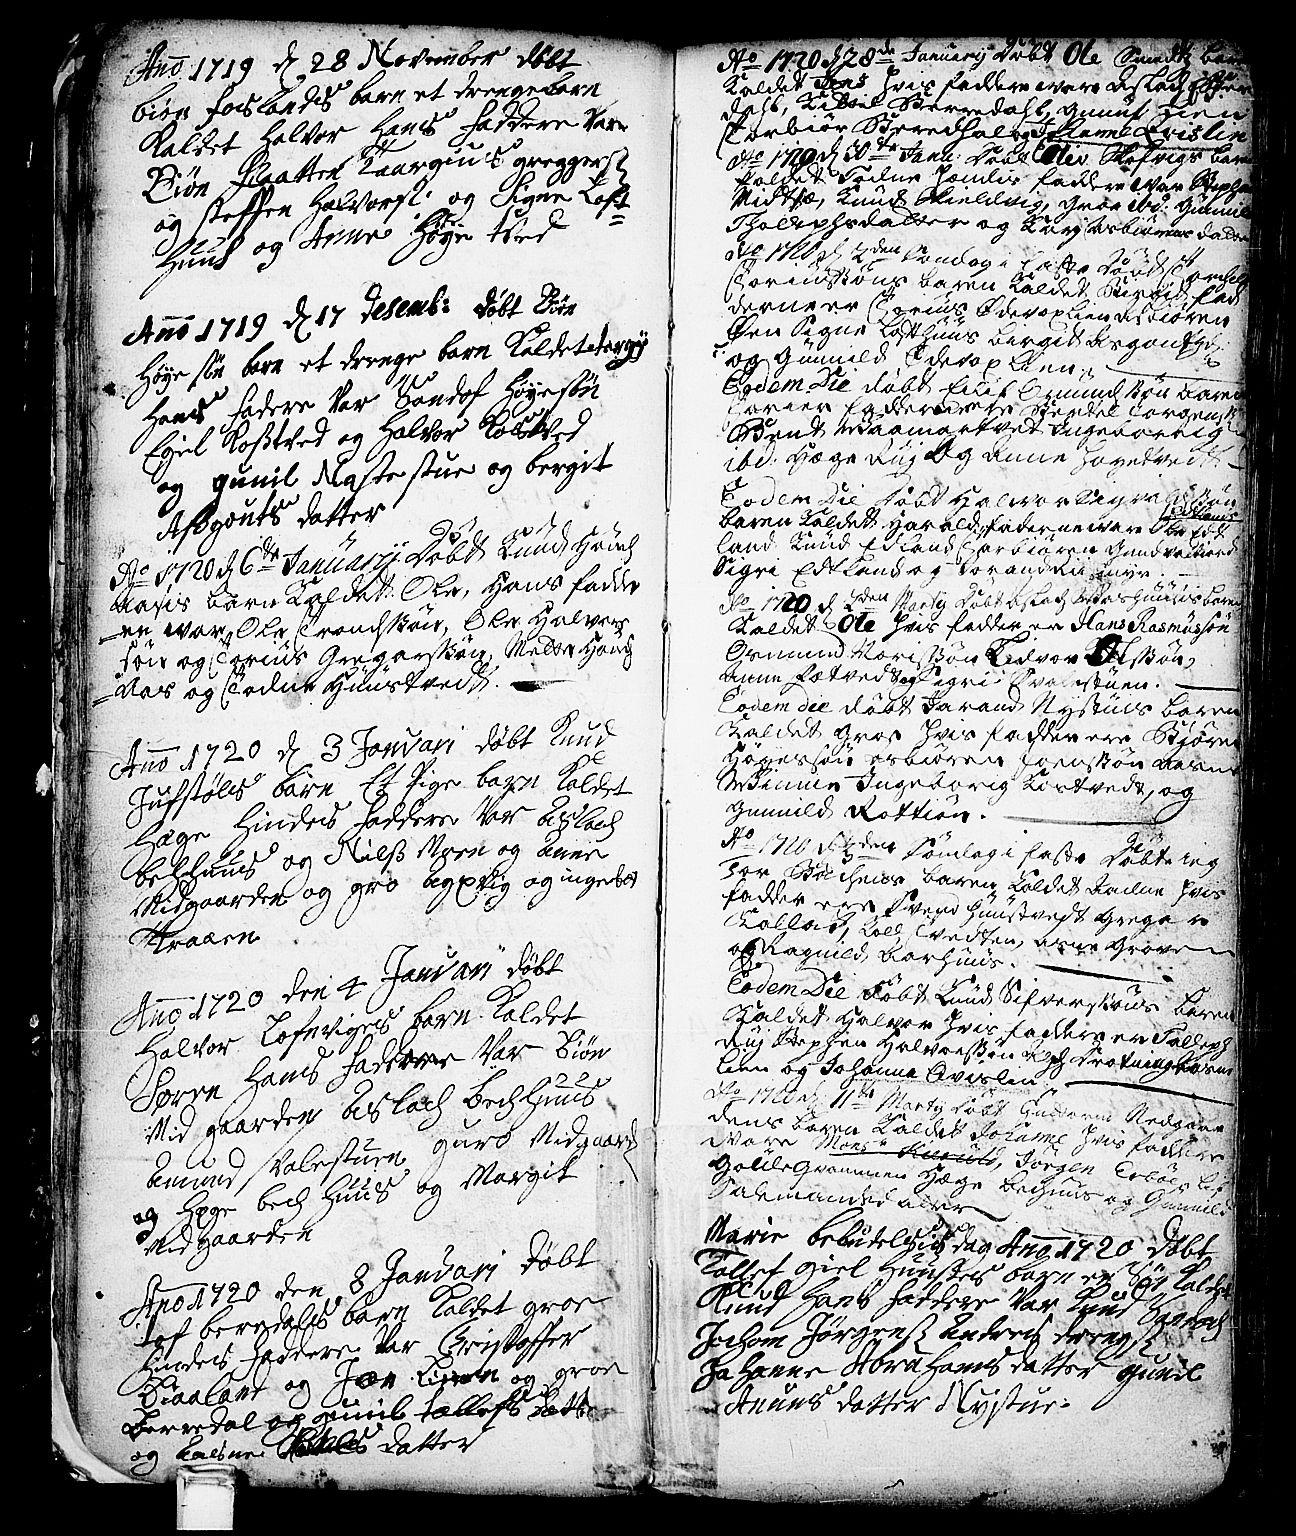 SAKO, Vinje kirkebøker, F/Fa/L0001: Ministerialbok nr. I 1, 1717-1766, s. 65